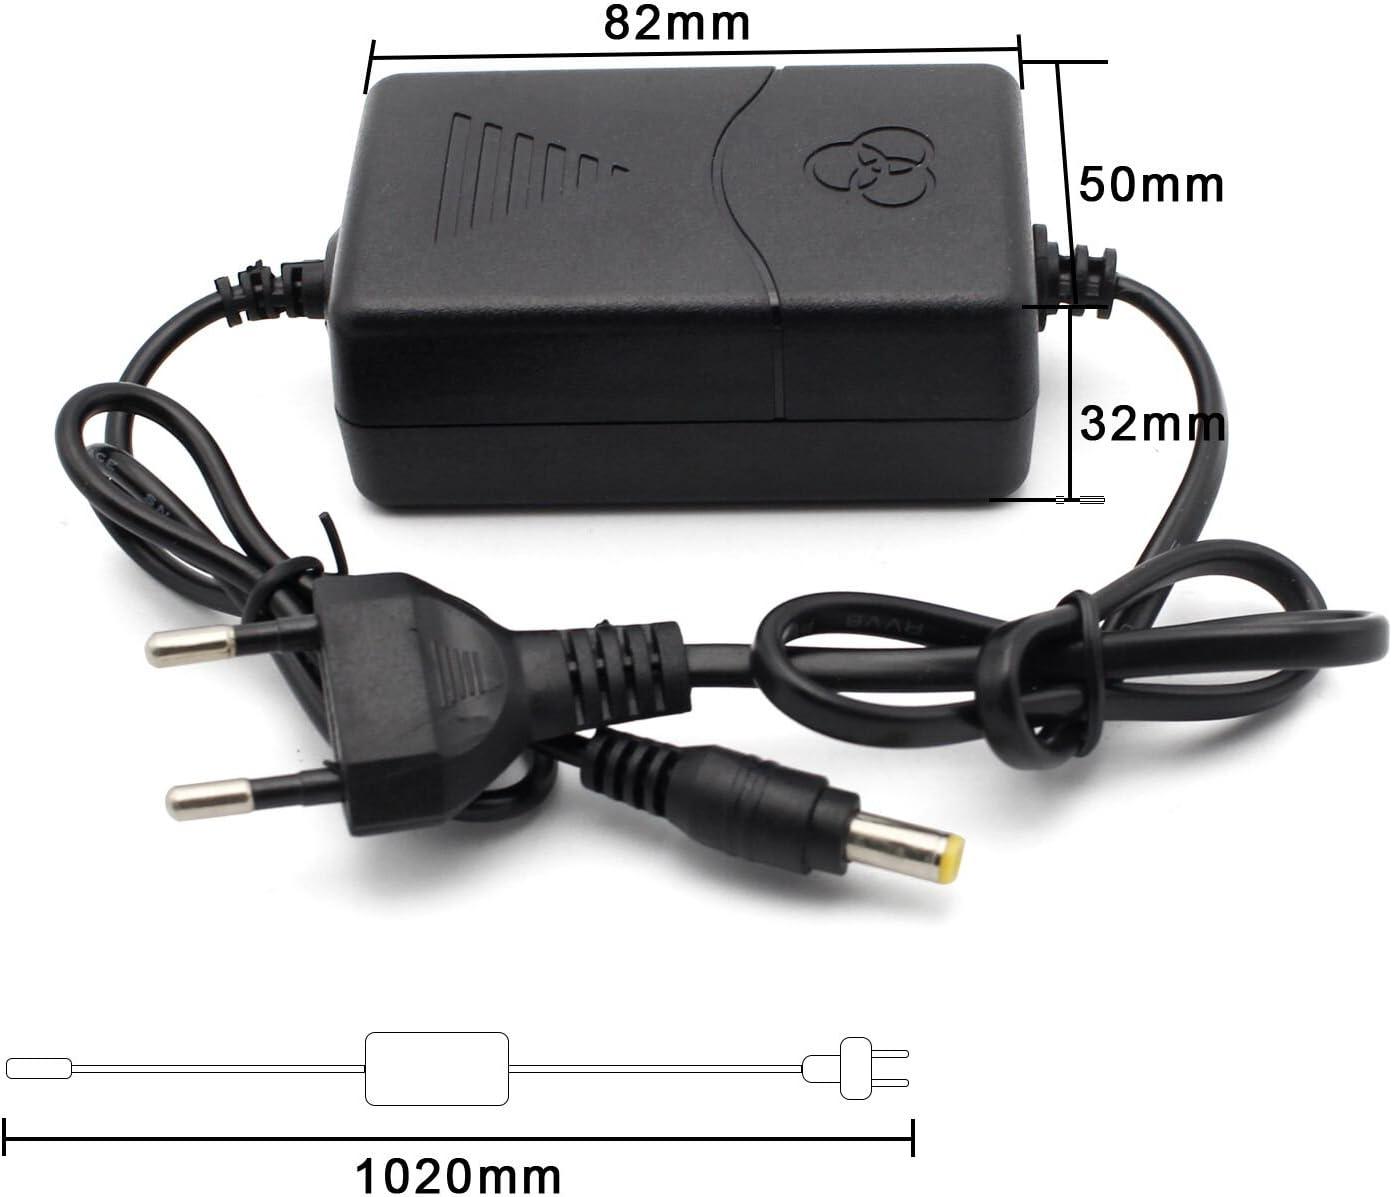 LED IR Scheinwerfer,LED IR-Strahler,IR-Strahler Licht /Überwachungs Nachtsicht f/ür /Überwachungskamera CCTV 60/°10W Scheinwerfer+Netzteil